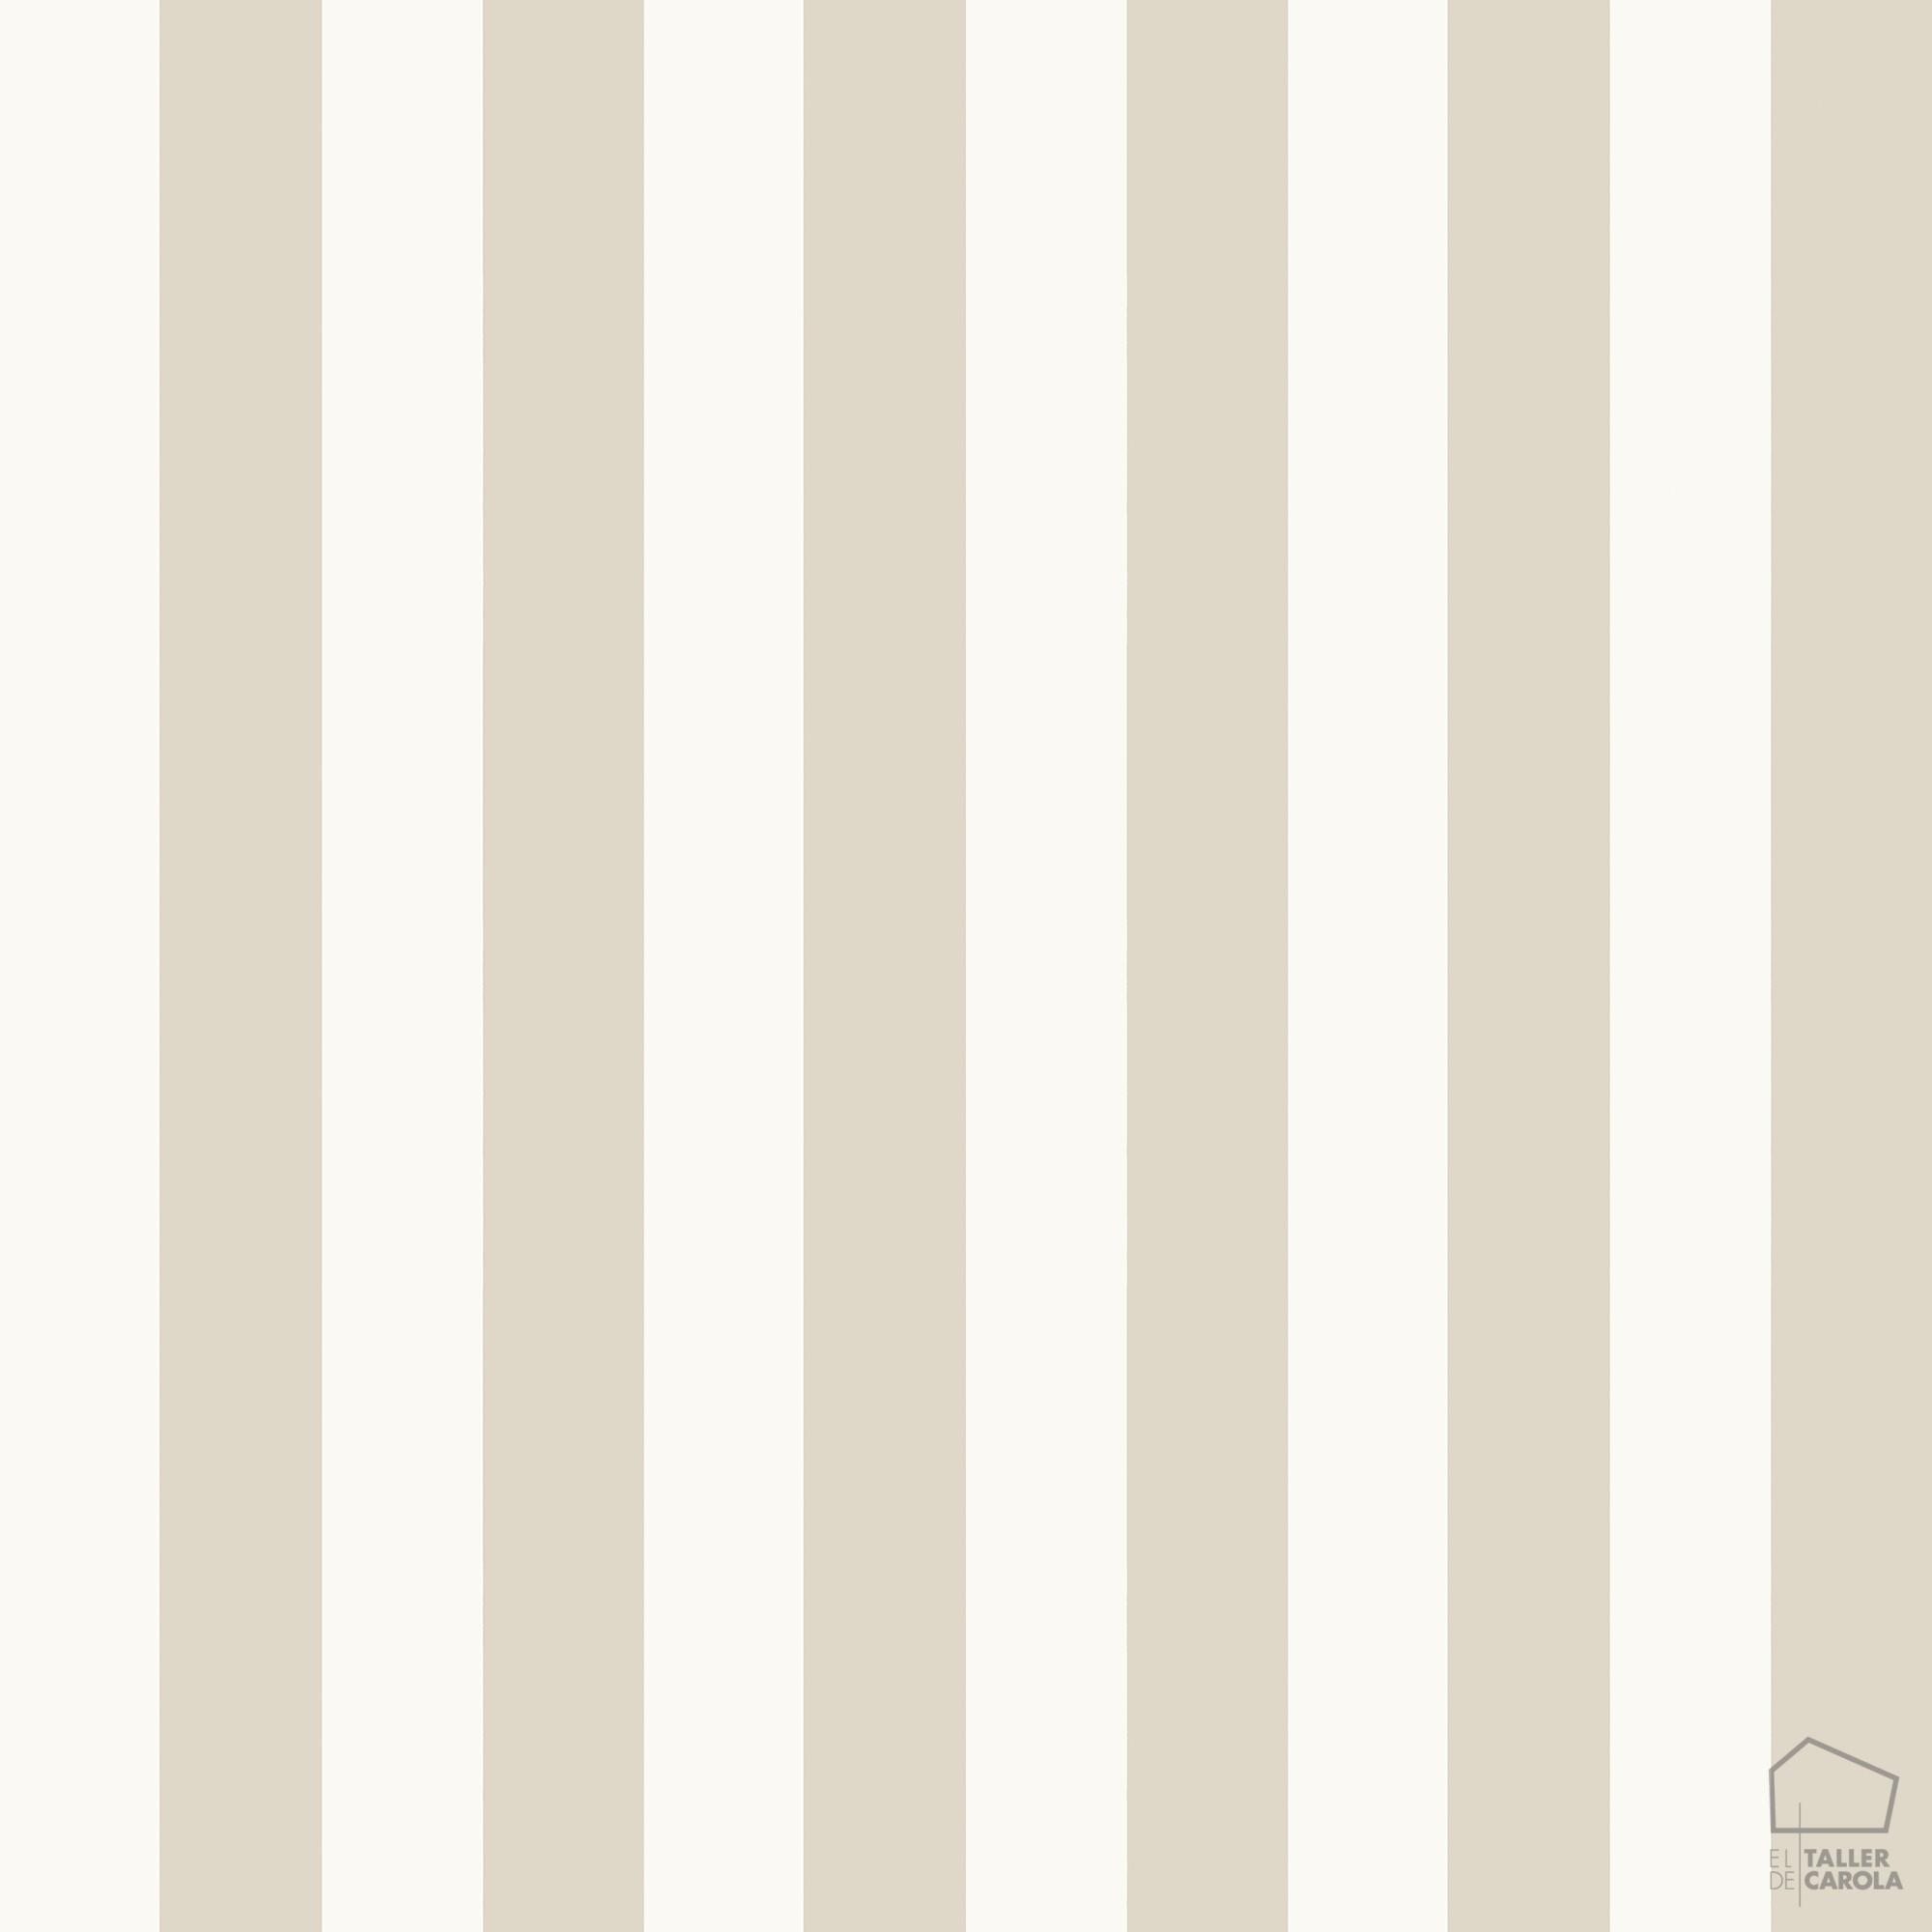 papel pintado rayas beige el taller de carola